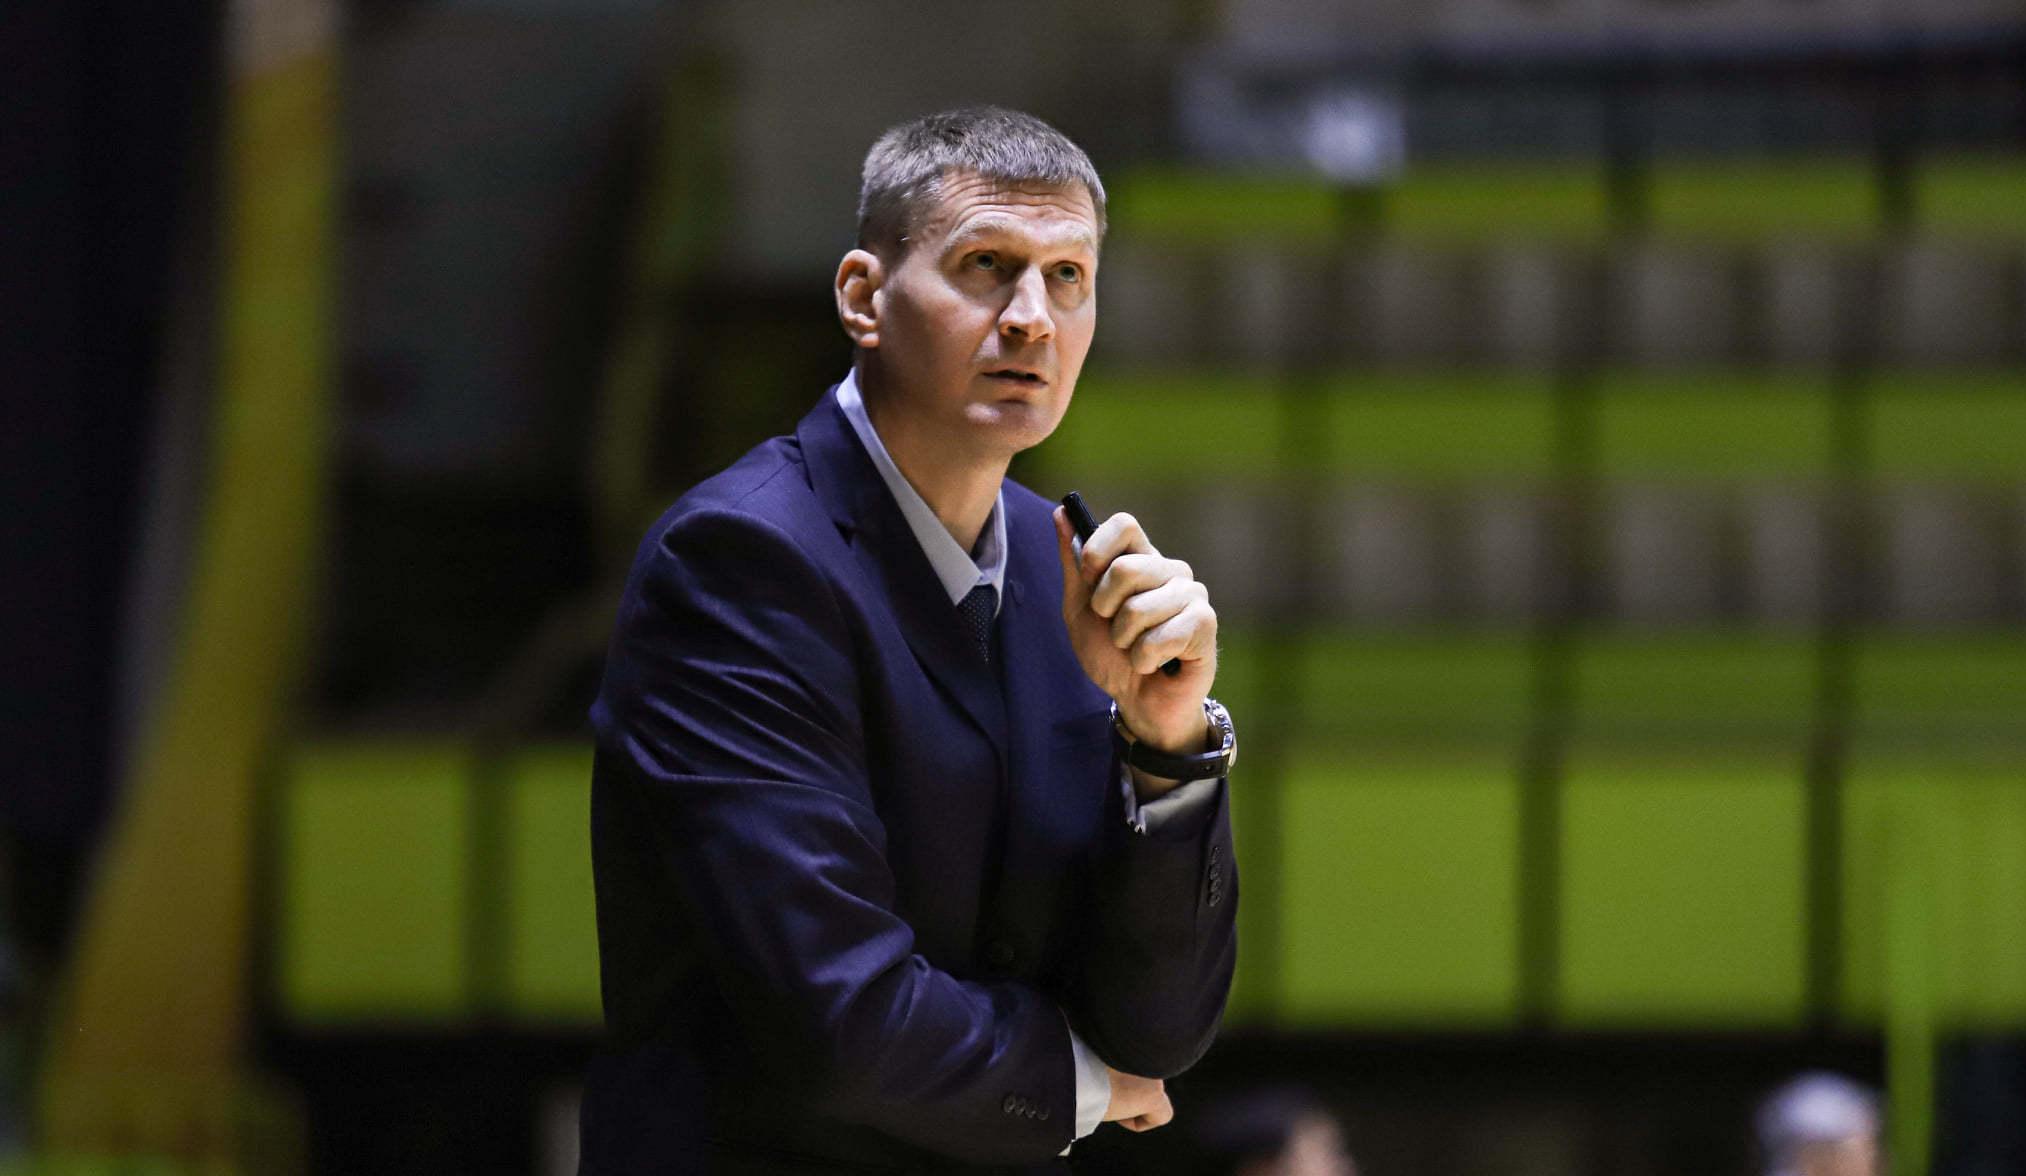 Київ-Баскет здолав Дніпро у центральному матчі: коментарі після гри